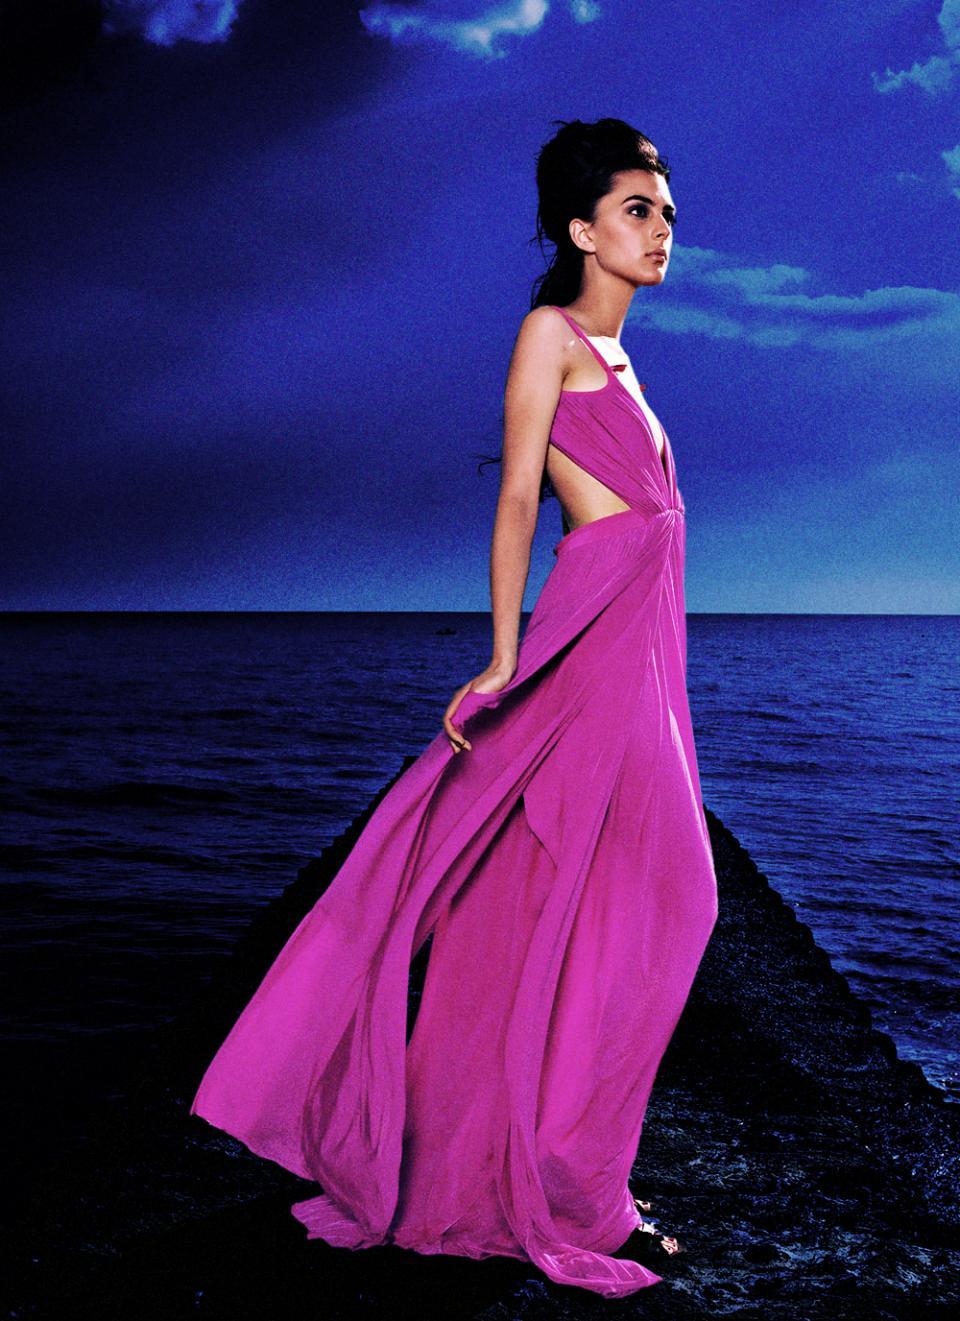 Fashion Photography Sea Coast Night